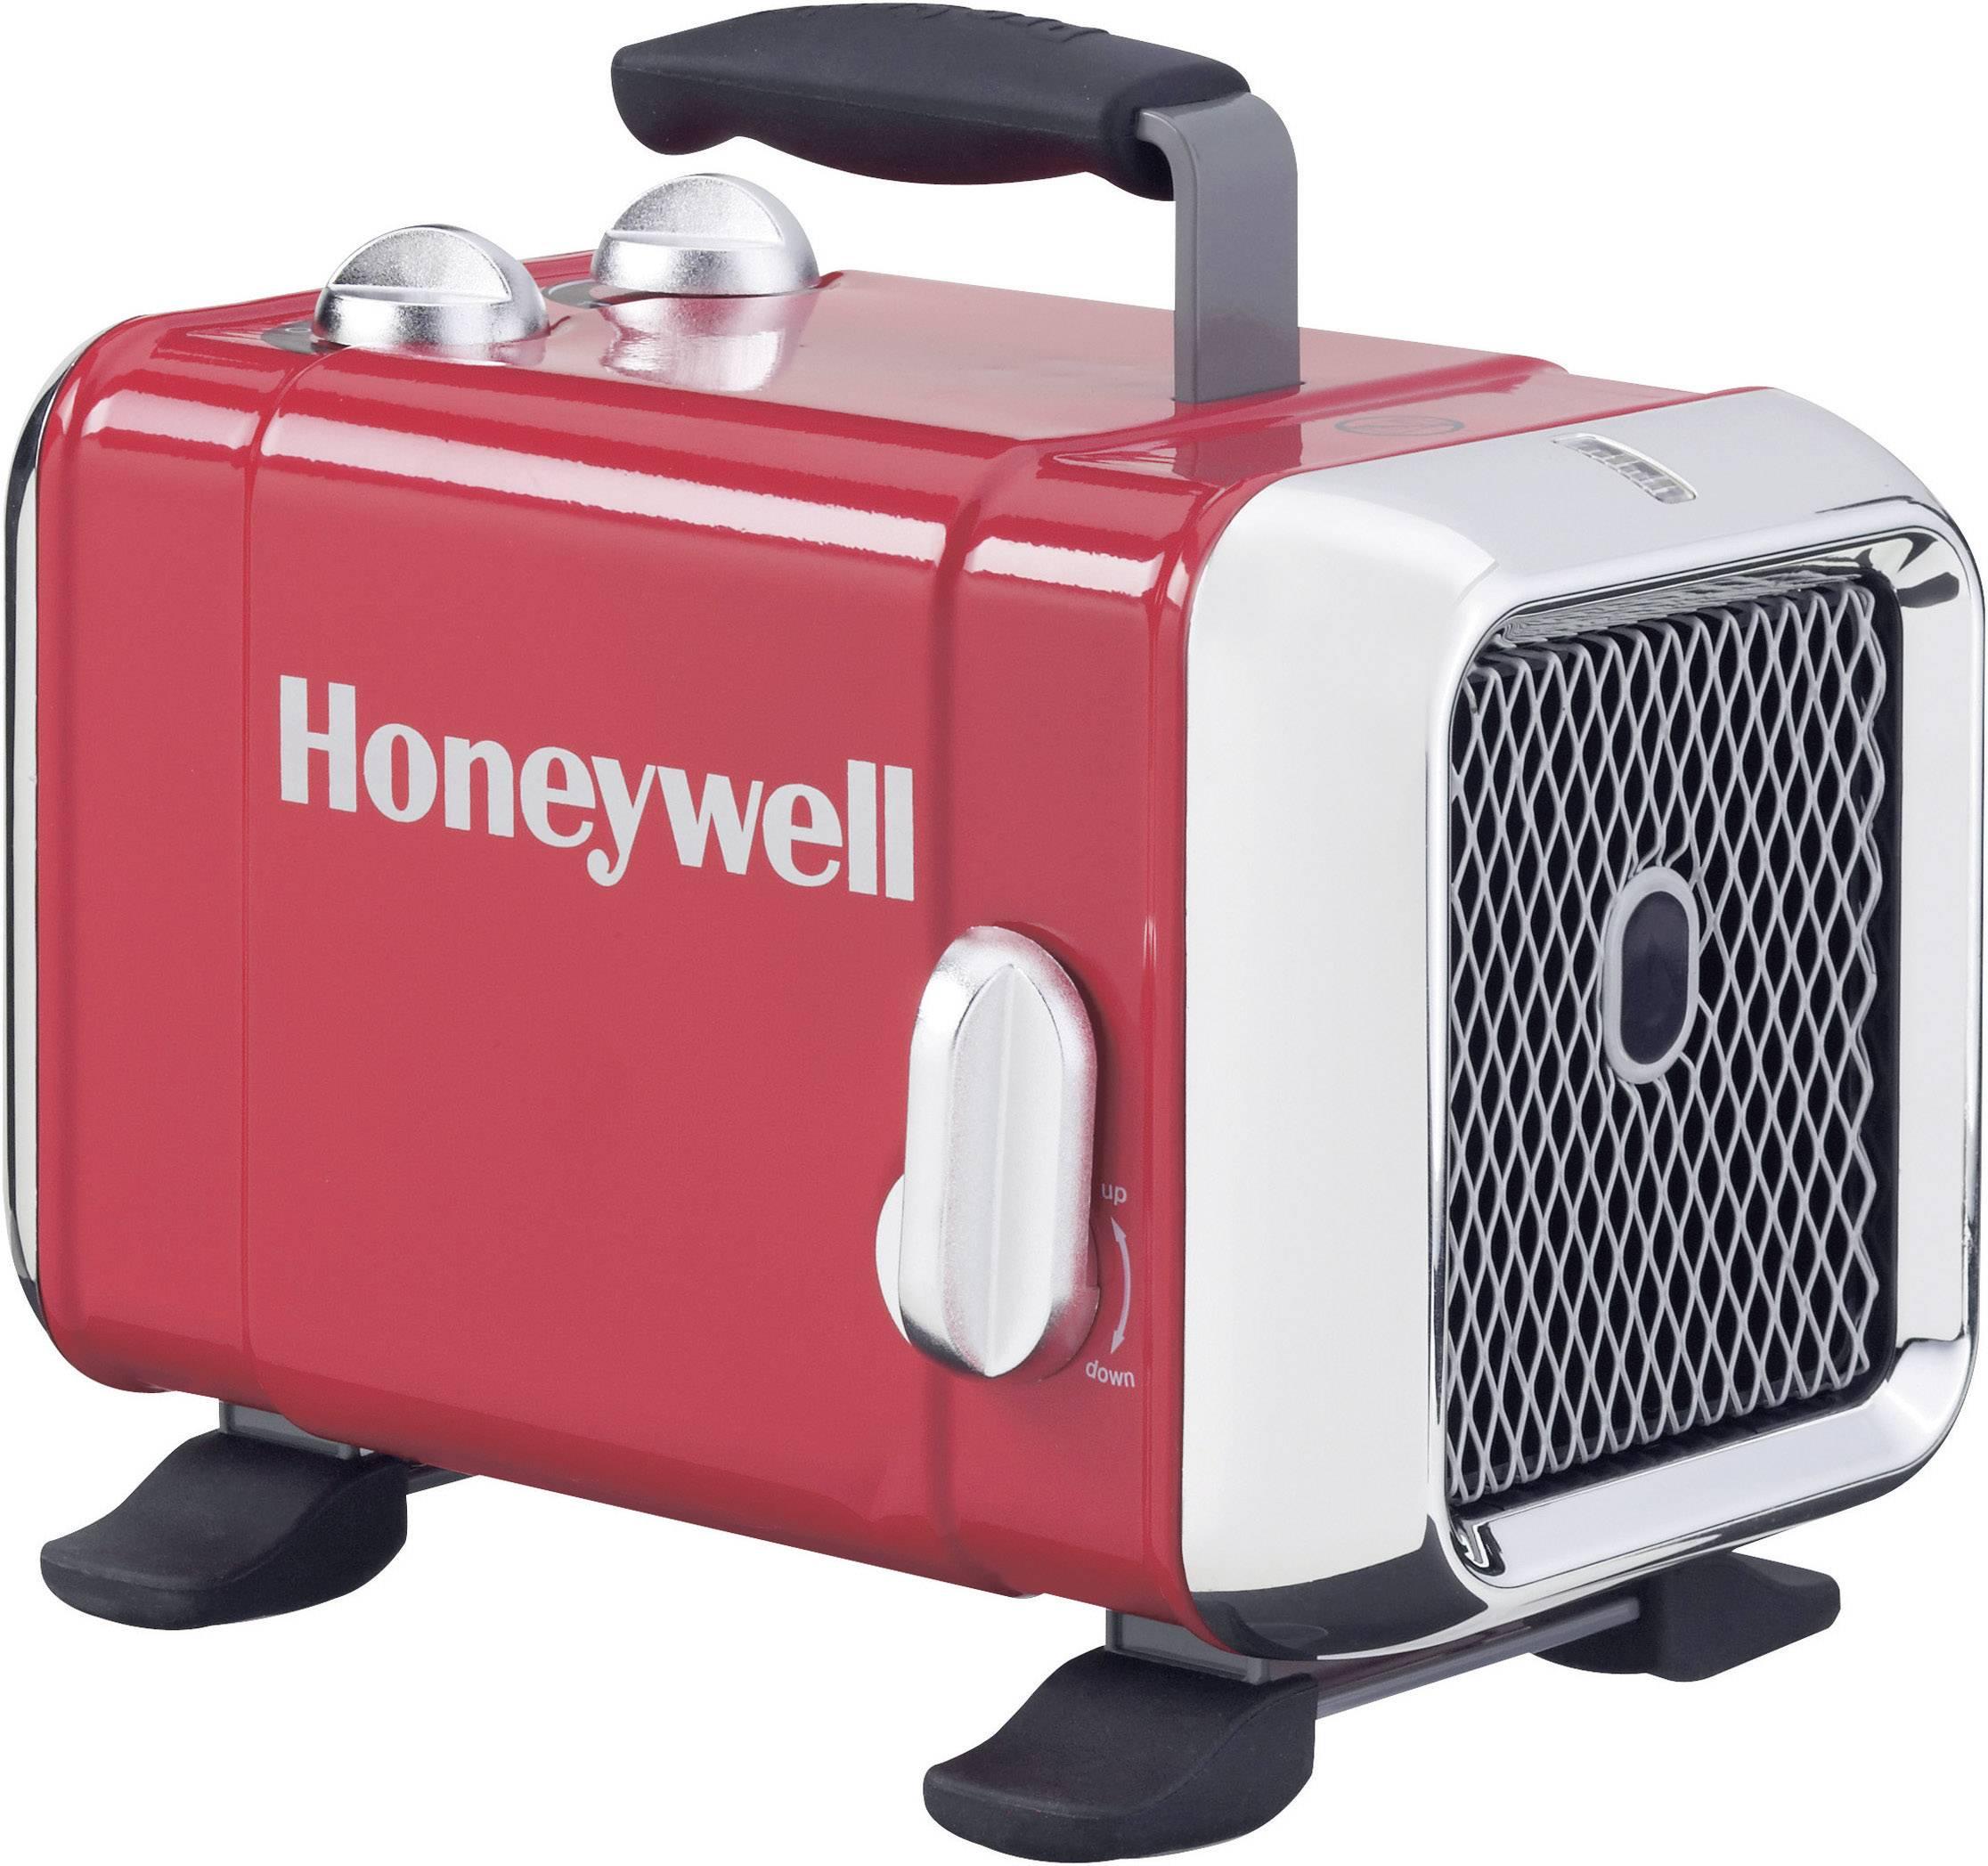 Keramický vykurovací ventilátor Honeywell HZ-510E, 24 m², 1100 W, 1800 W, červená, chróm